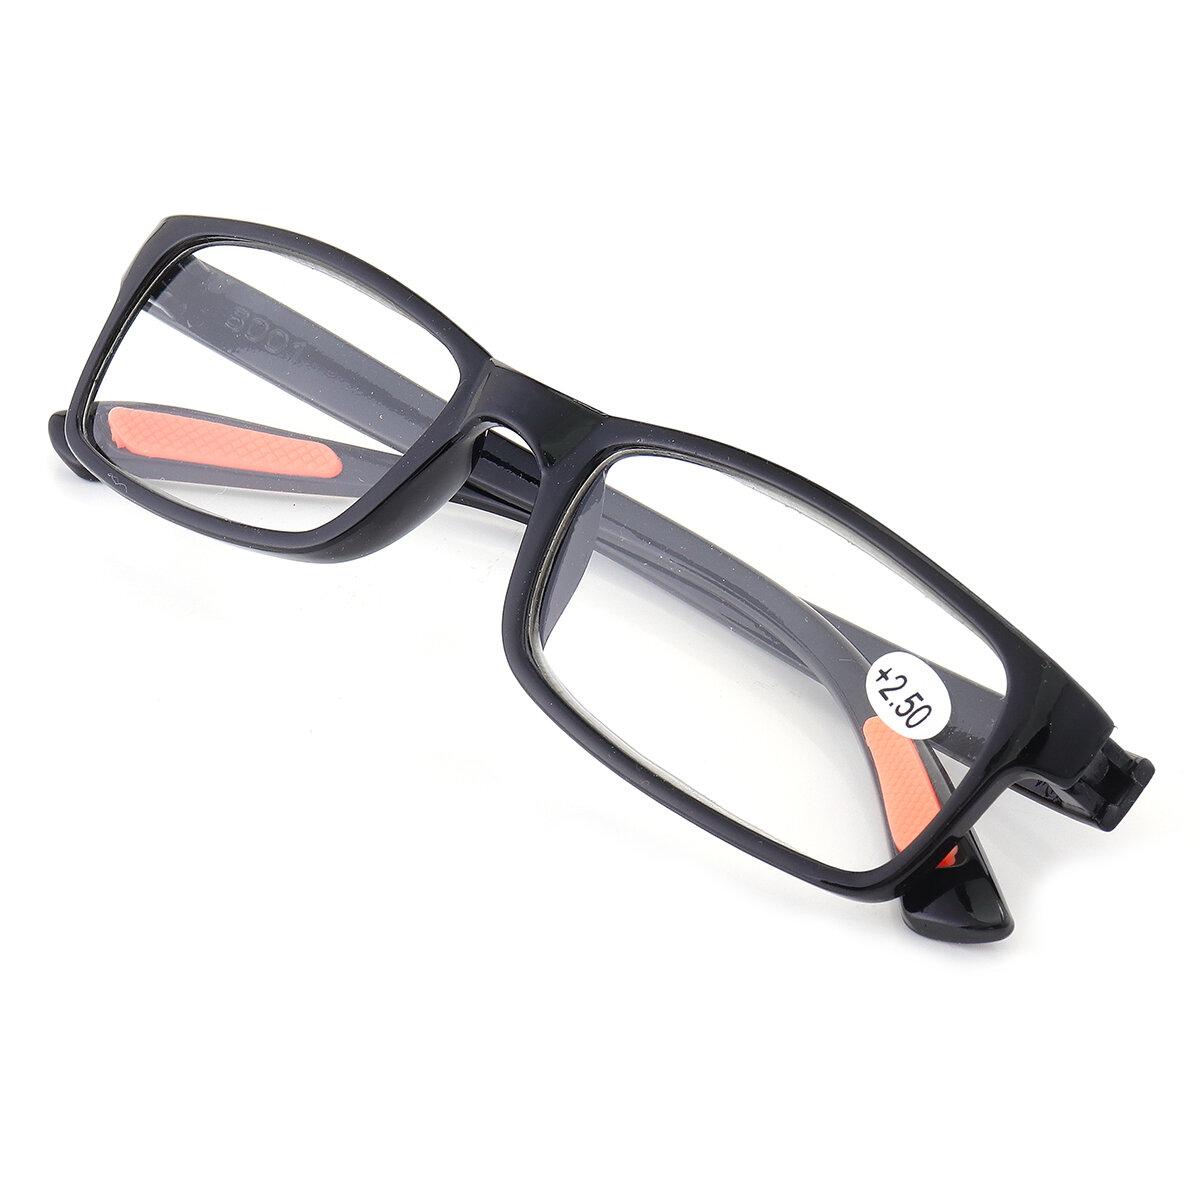 TR90 Occhiali da Lettura Portatili Durevoli Leggeri in Resina Colore Nero Estremamente Flessibili